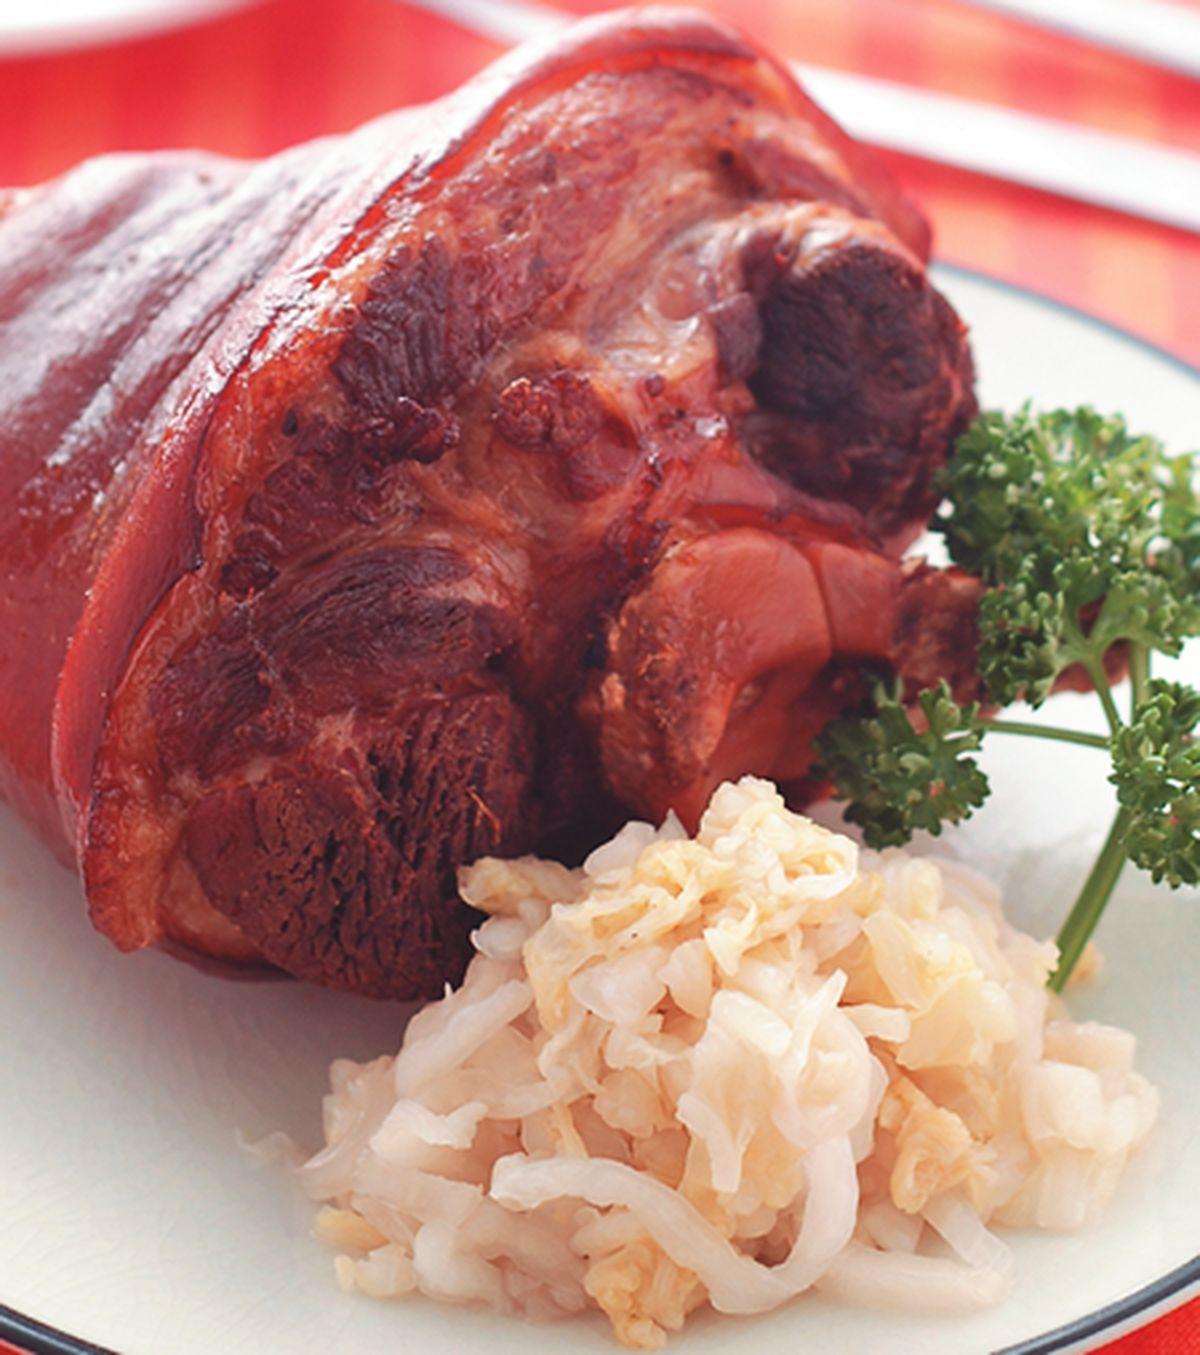 【食譜】烤豬腳佐酸白菜:www.ytower.com.tw